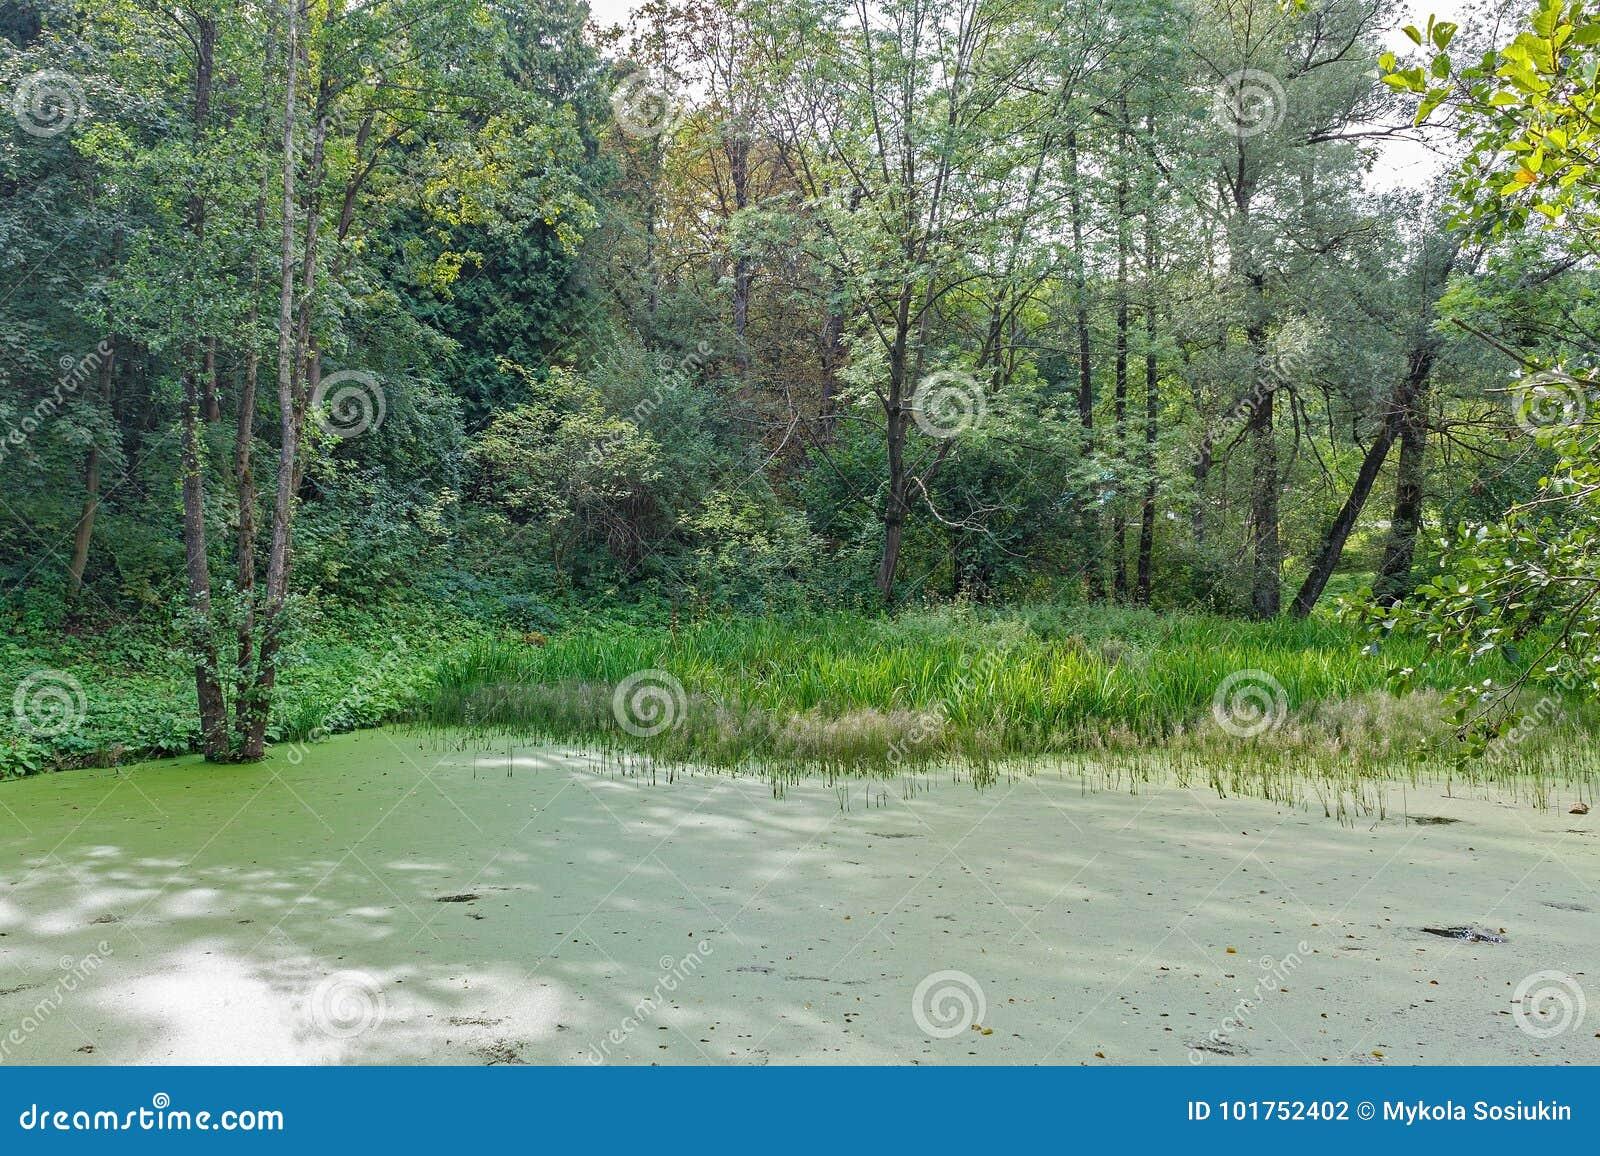 Üppiger grüner Sumpf und tropische Waldszene Die Sonne ragt durch das starke Laub empor, um eine herrliche Naturlandschaft aufzud